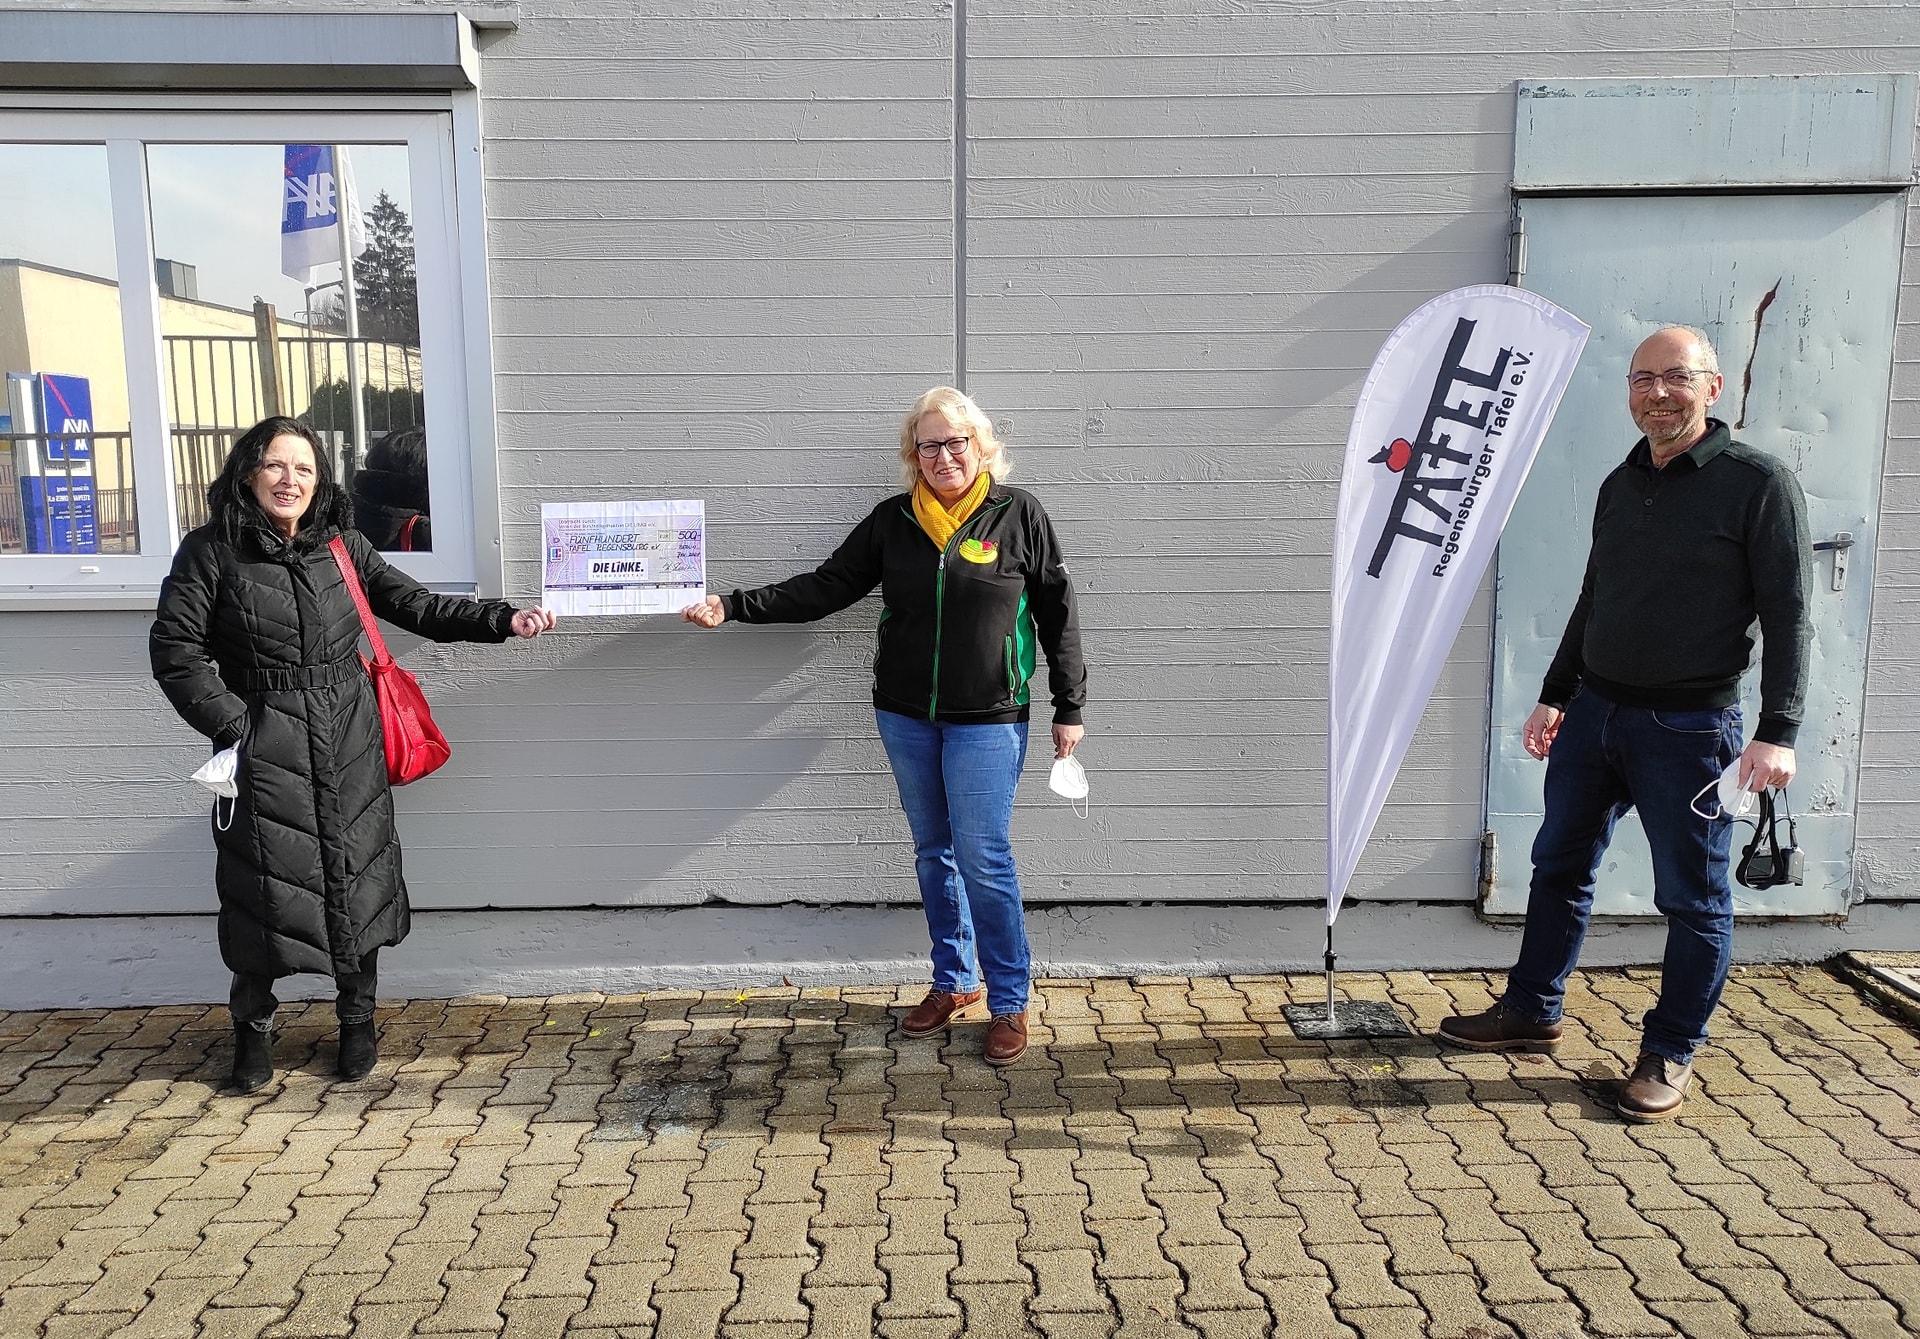 500-Euro-Spende an die Tafel Regensburg LINKE-Politikerin Schreiber unterstützt so den Kauf einer Bodenreinigungsmaschine